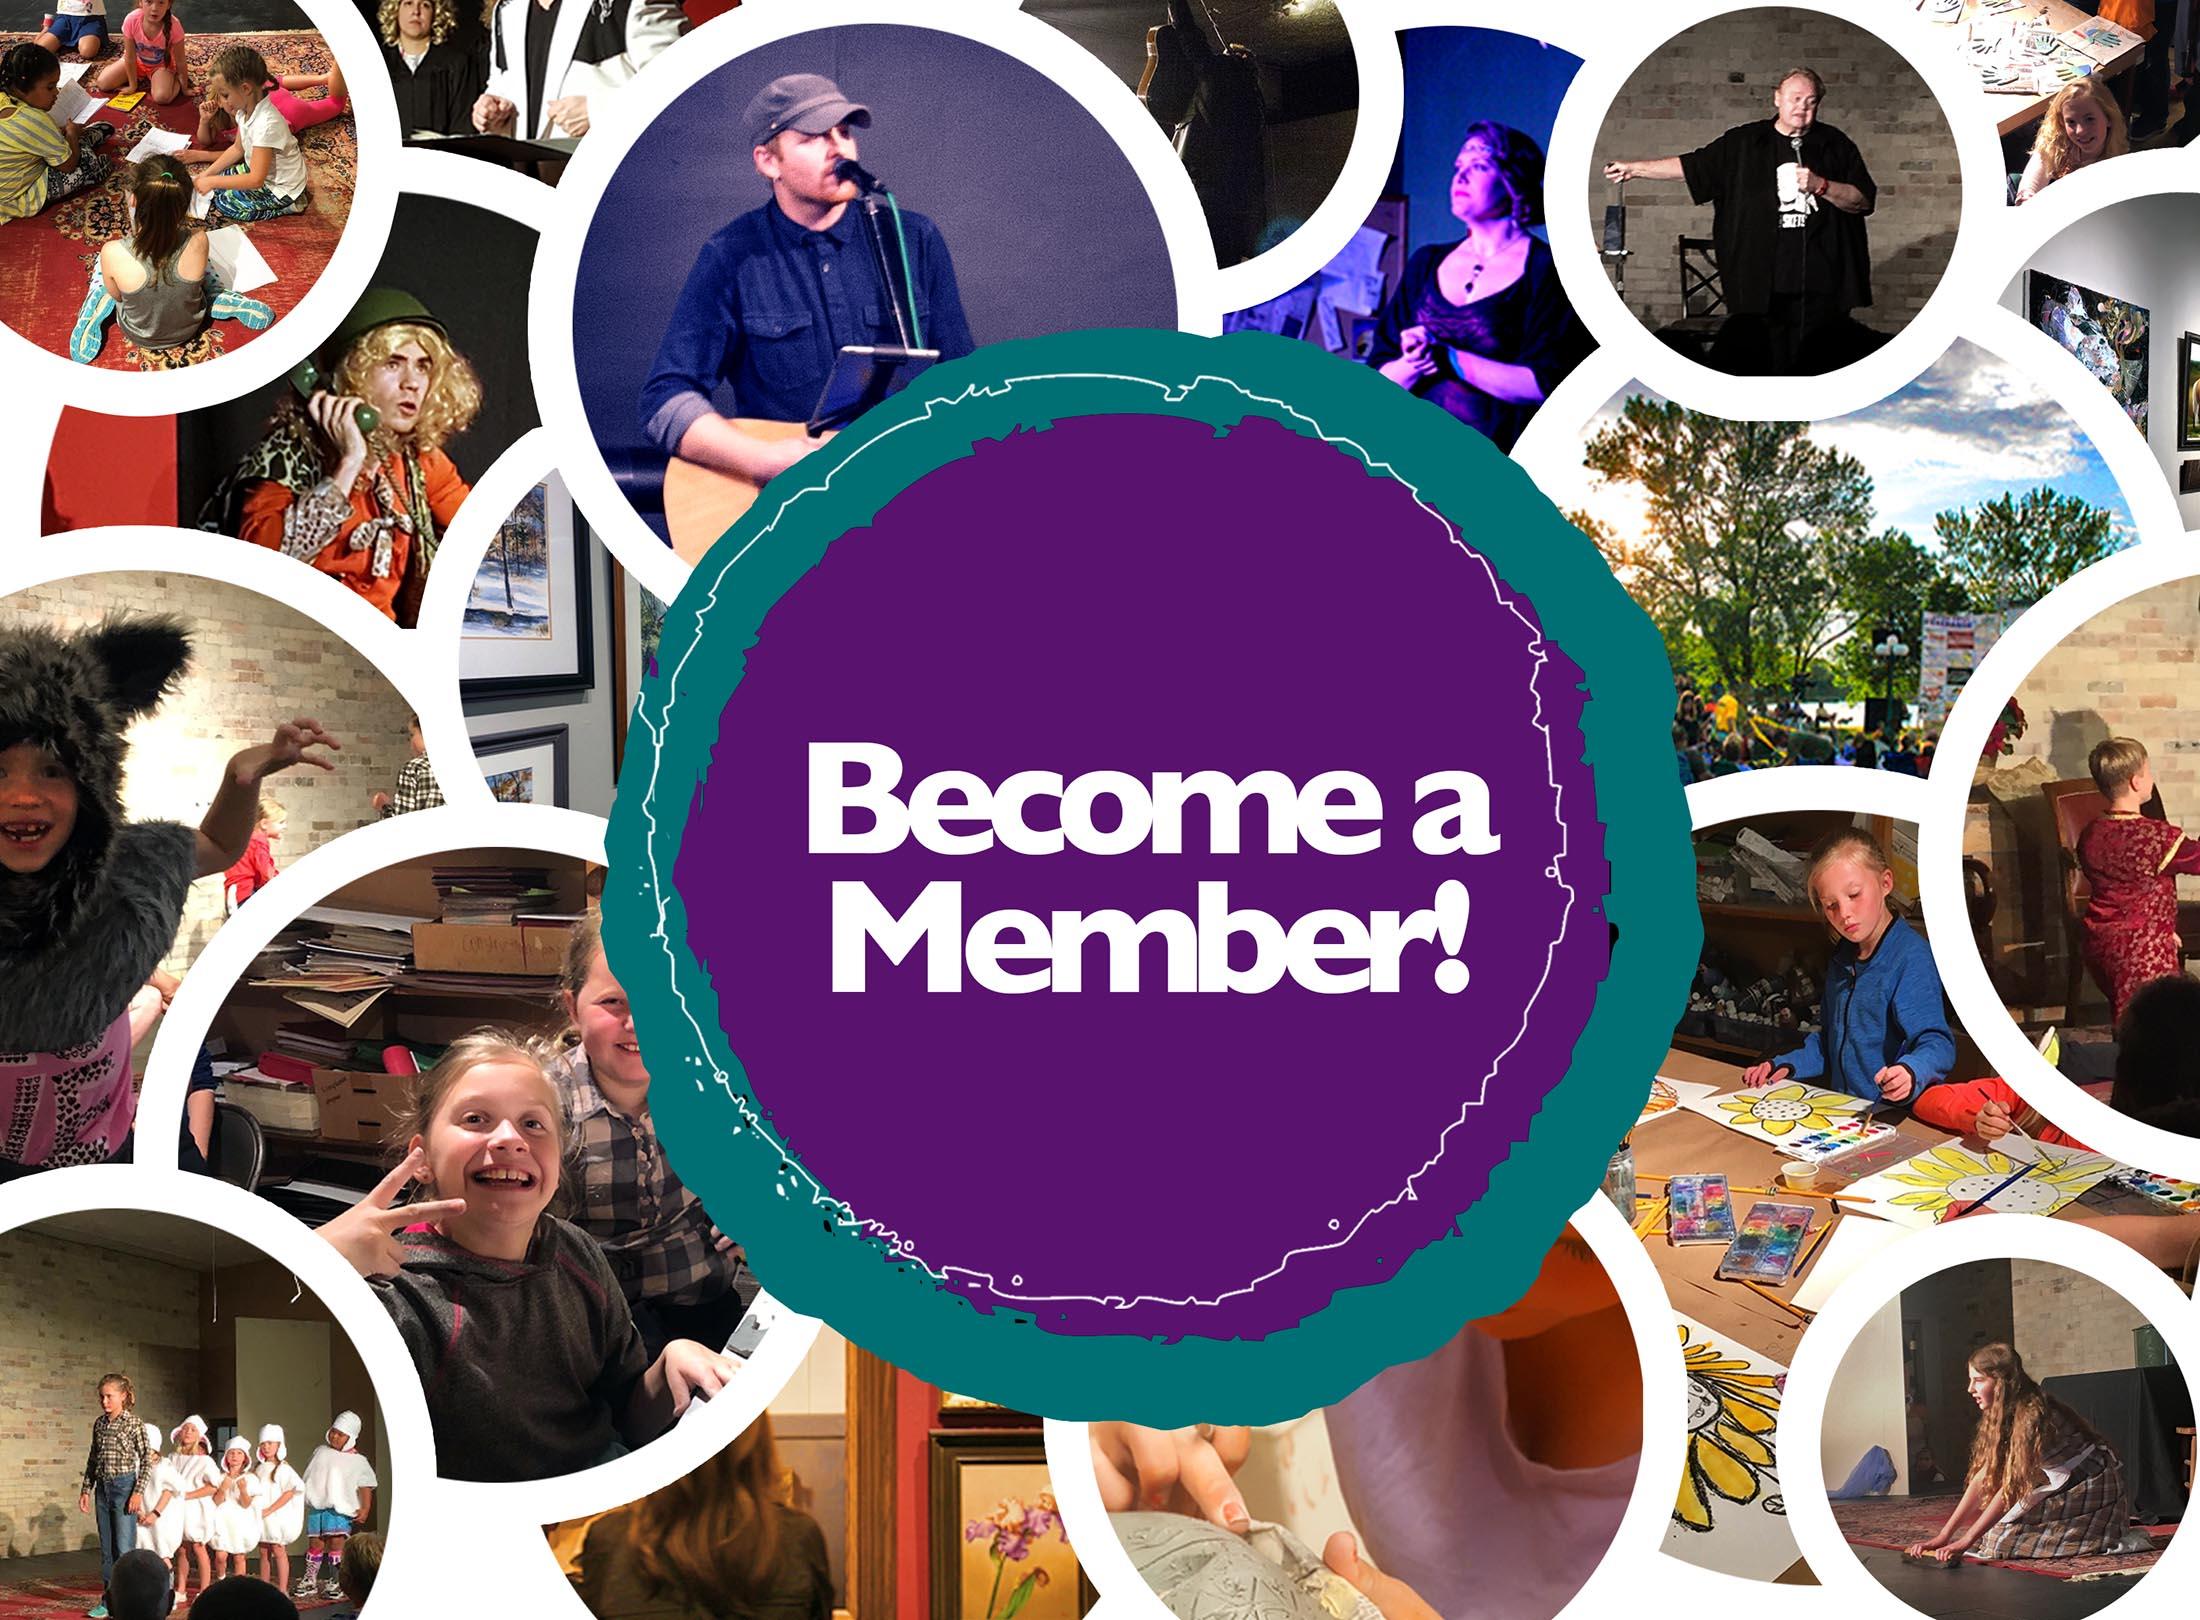 BecomeMember-banner.jpg